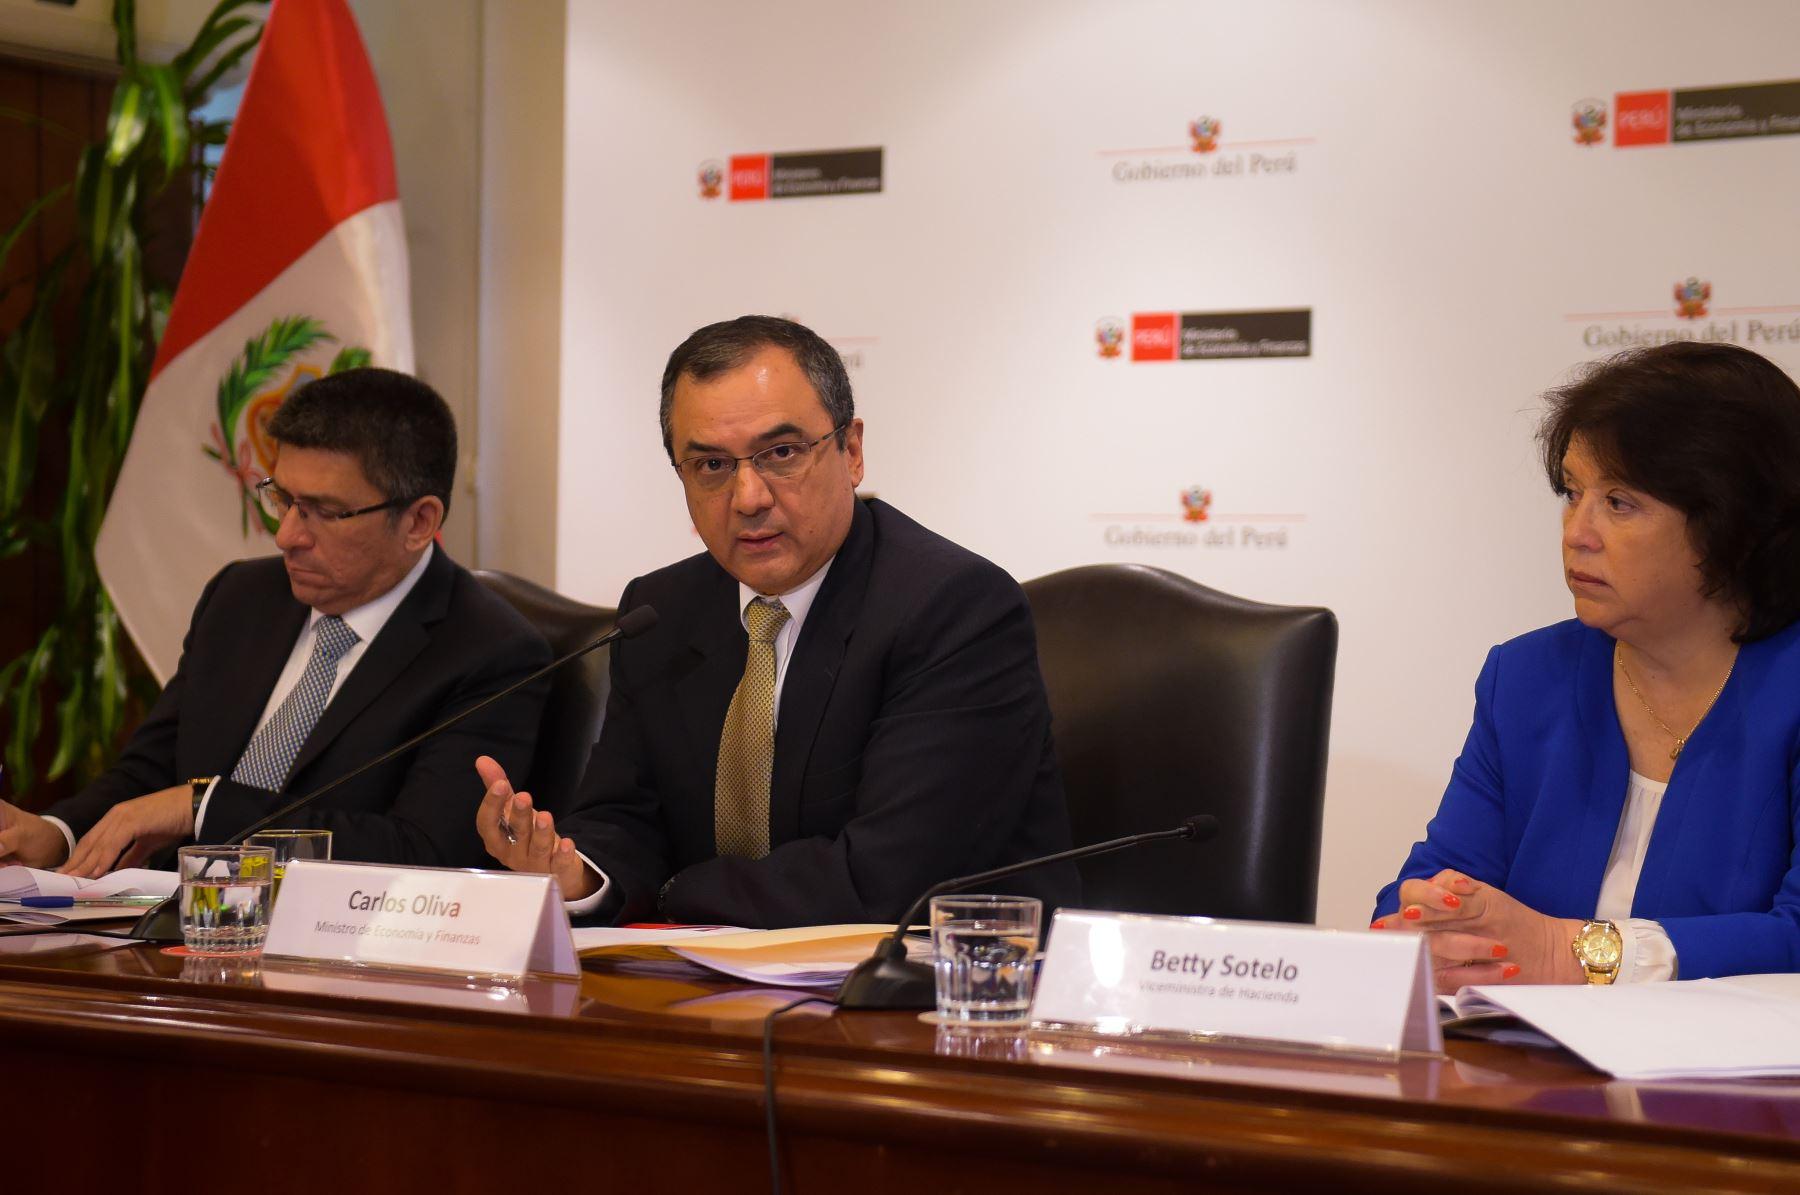 Ministro de Economía y Finanzas, Carlos Oliva. ANDINA/Difusión